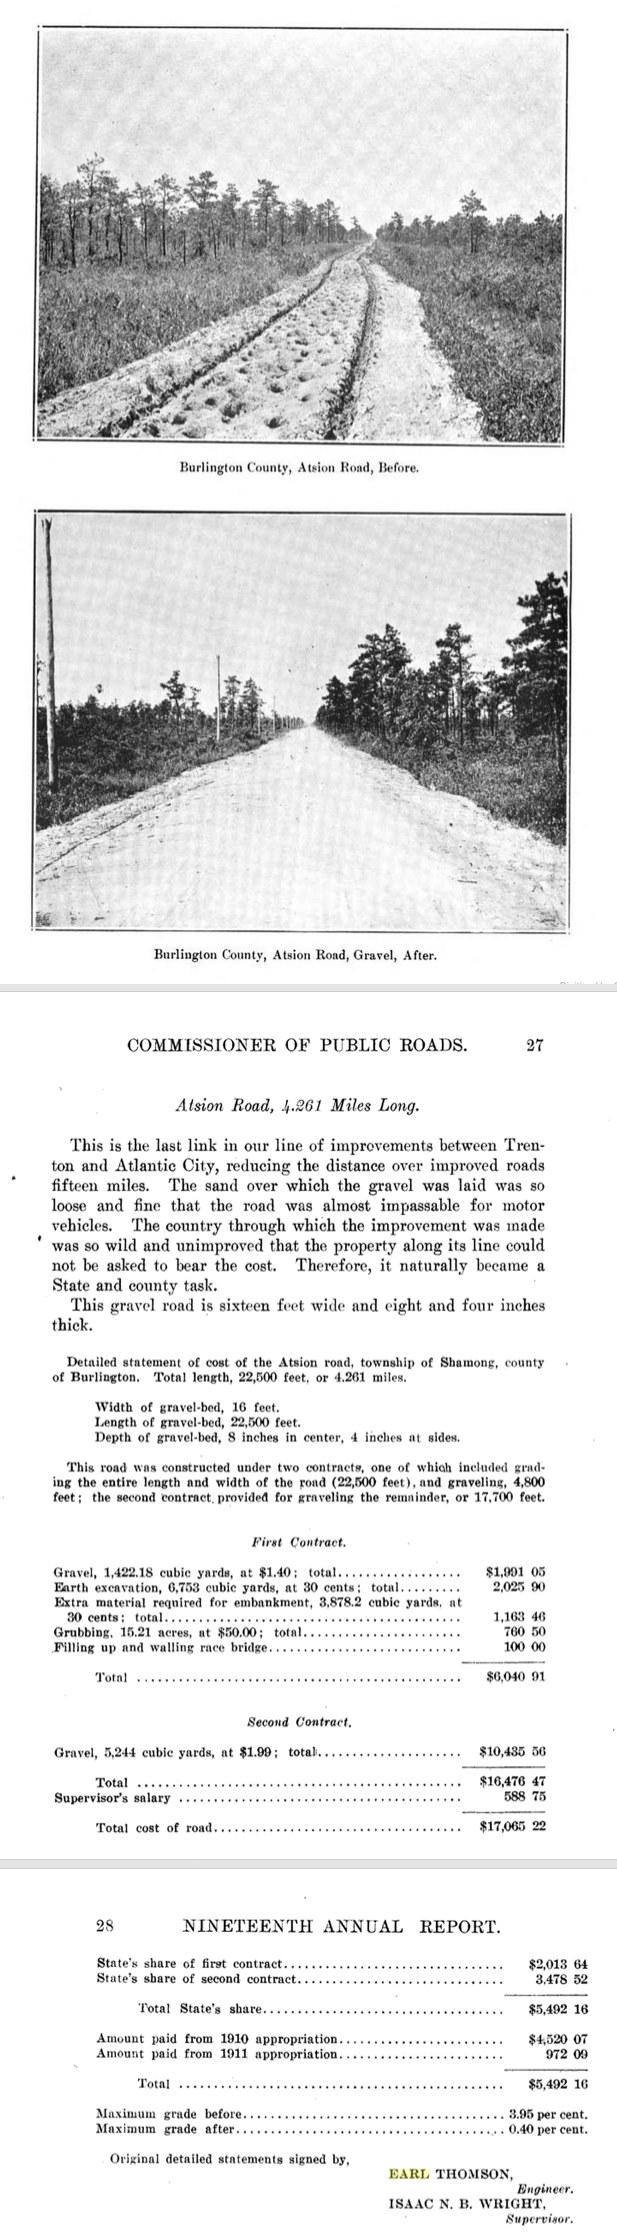 1913 Atsion Road.jpg